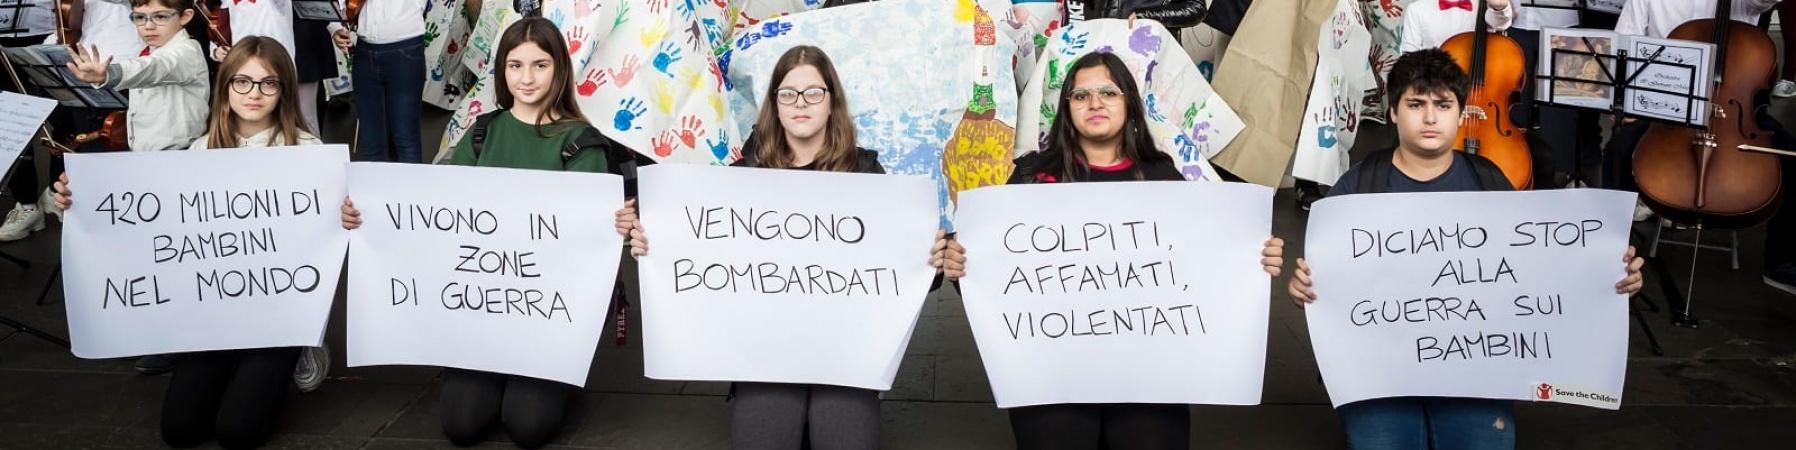 Bambini tengono in mano cartelli per flash mob alla Stazione Roma Termini